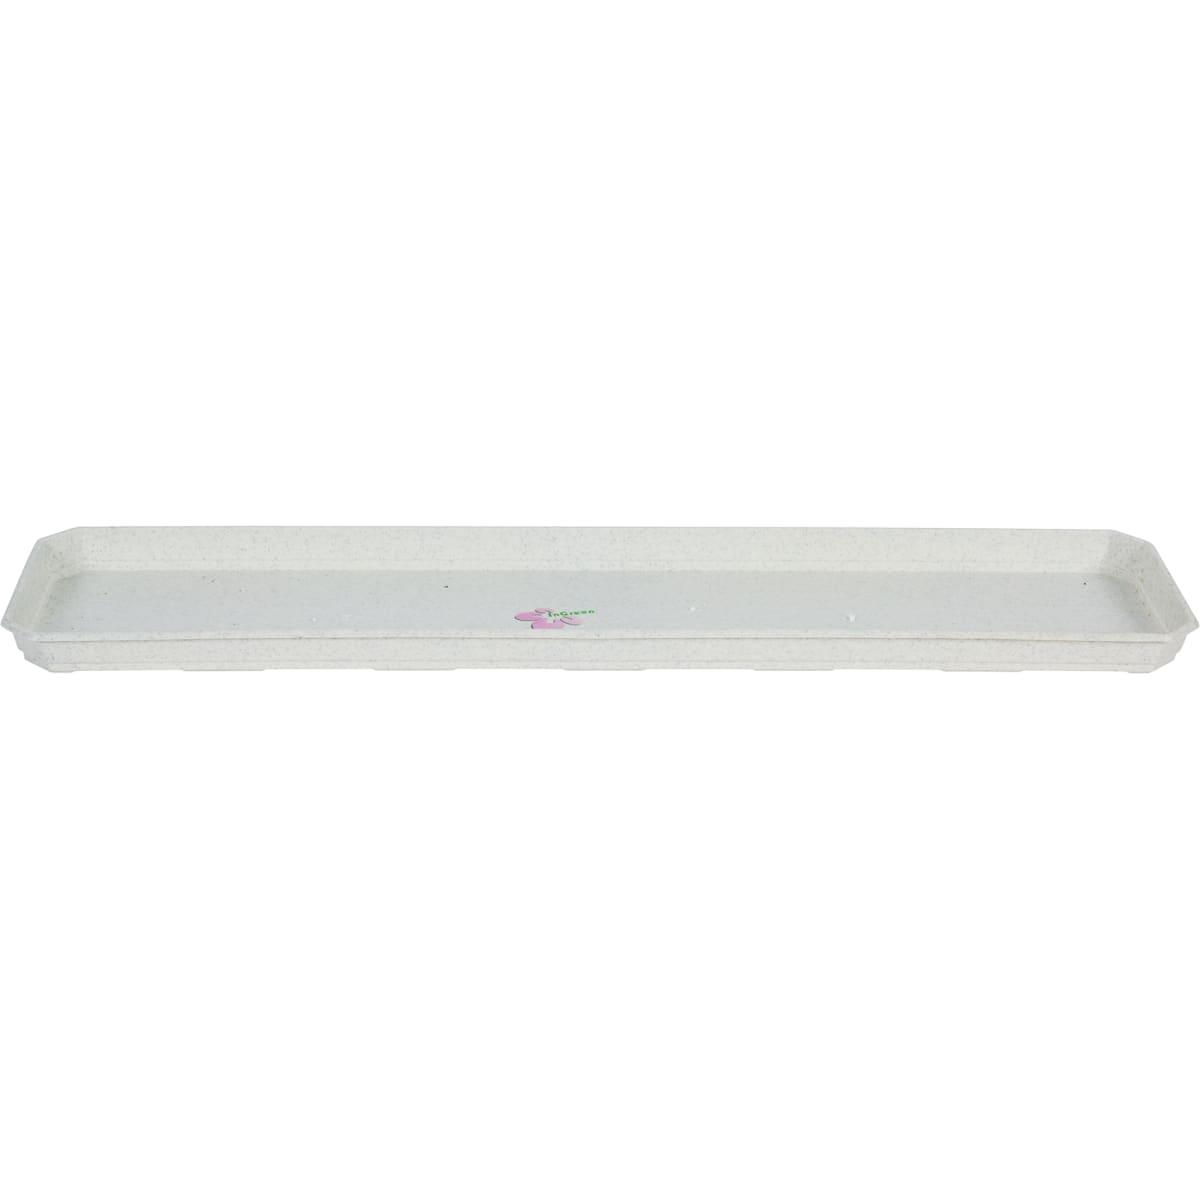 Поддон для балконного ящика 56.8 x 13.8 x 2.4 см полипропилен, цвет мраморный